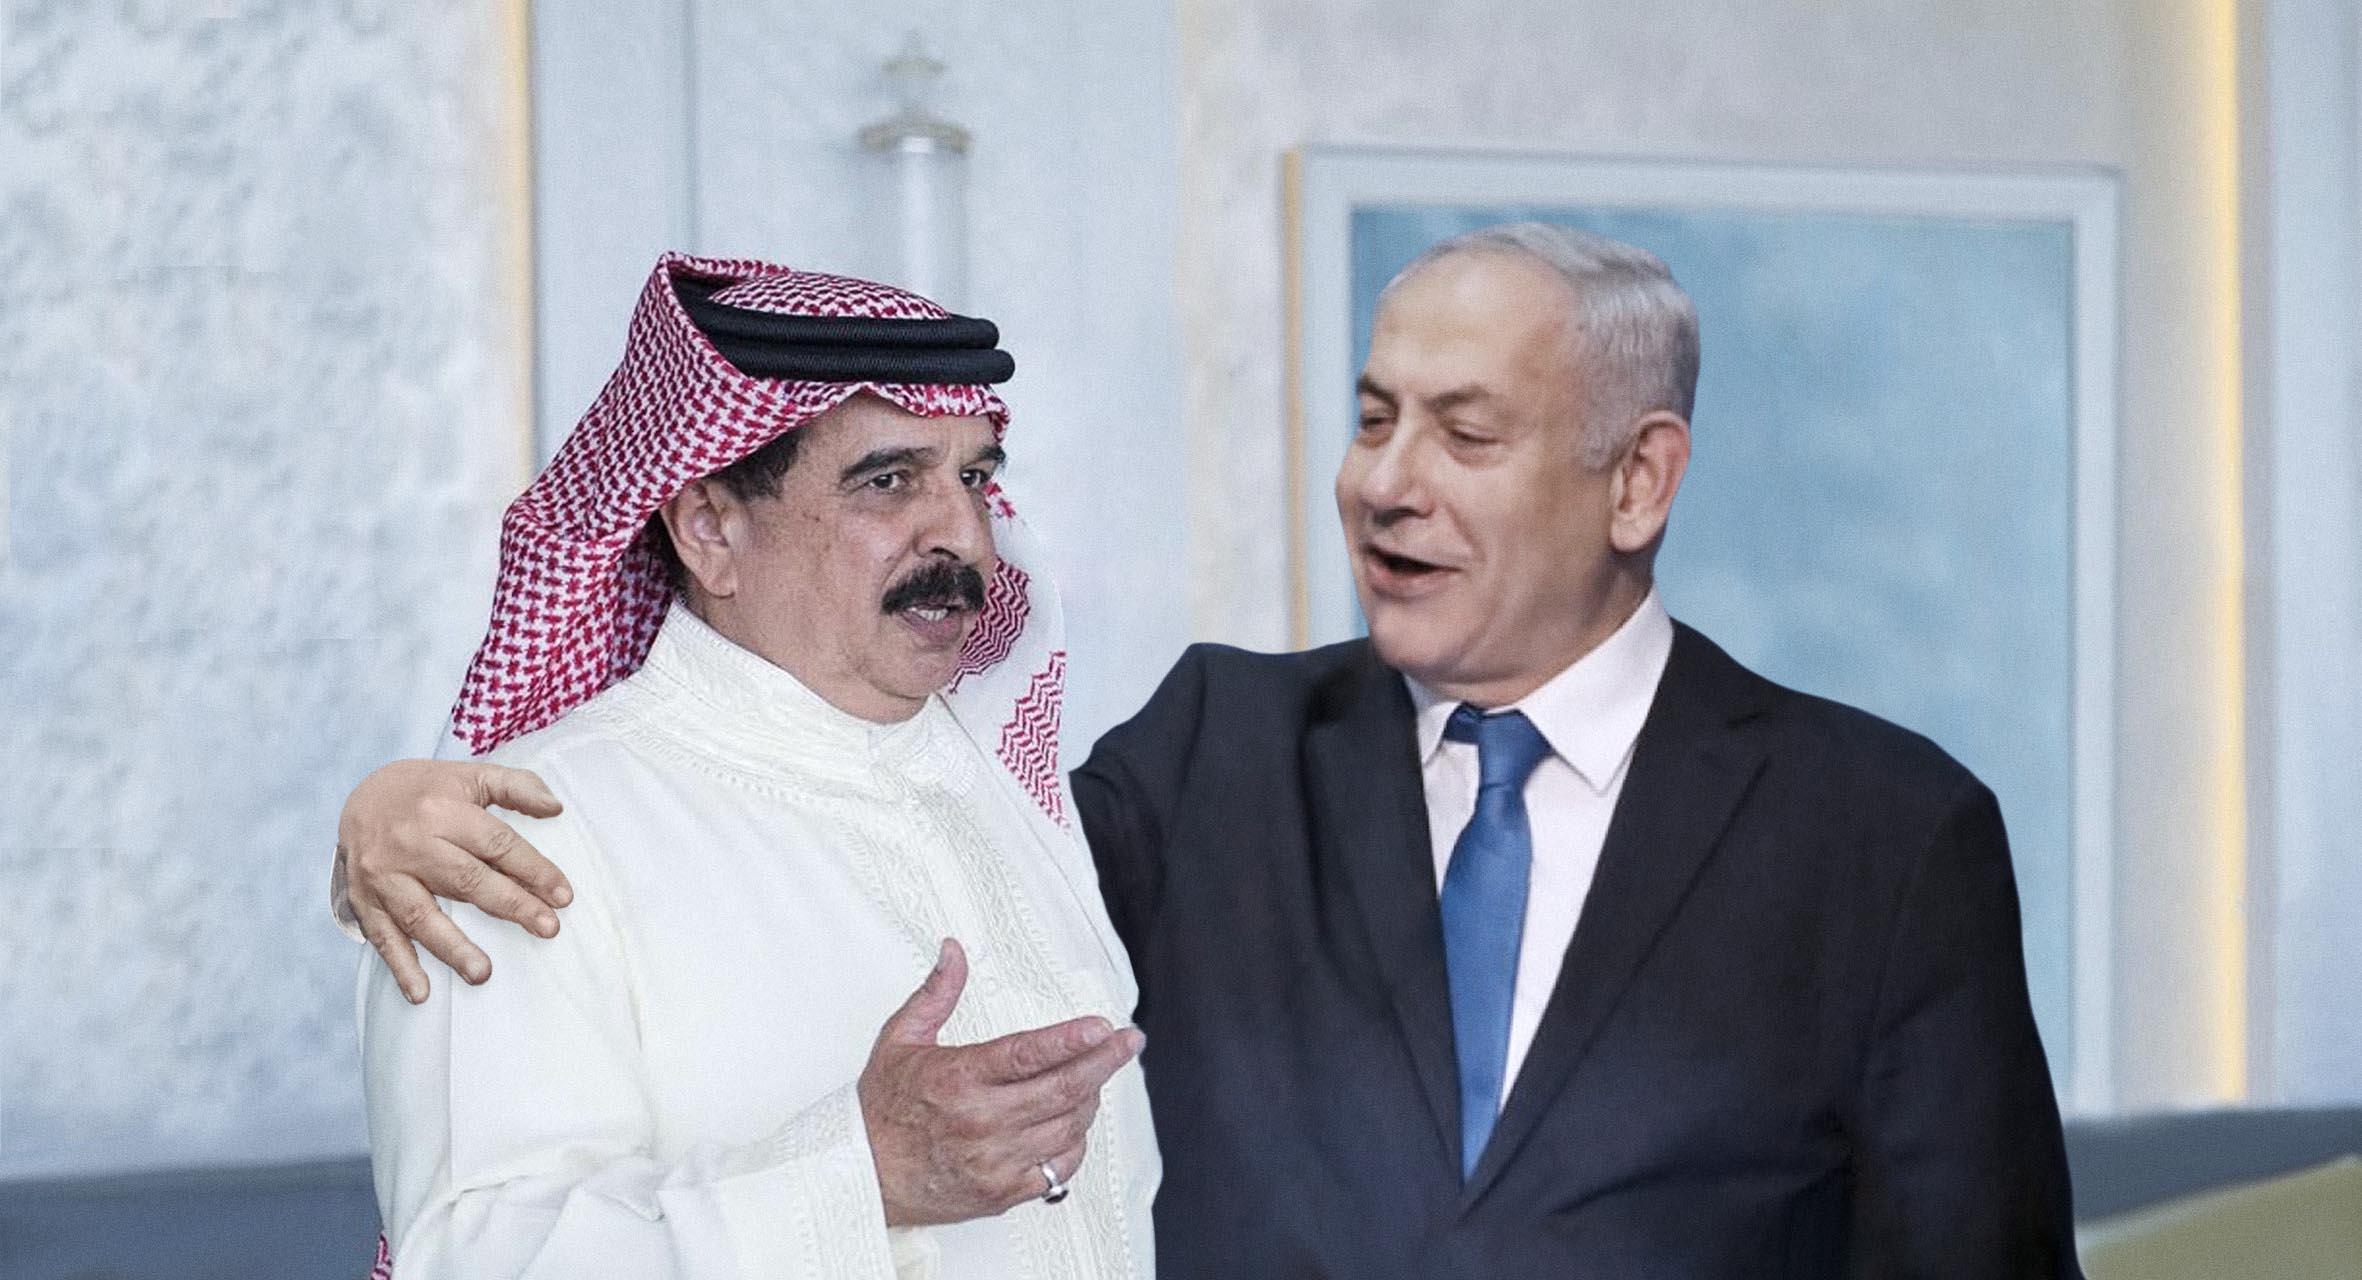 صورة البحرين تُطبّع مع إسرائيل لتستفيد من خبراتها في حل المشاكل الديمغرافية